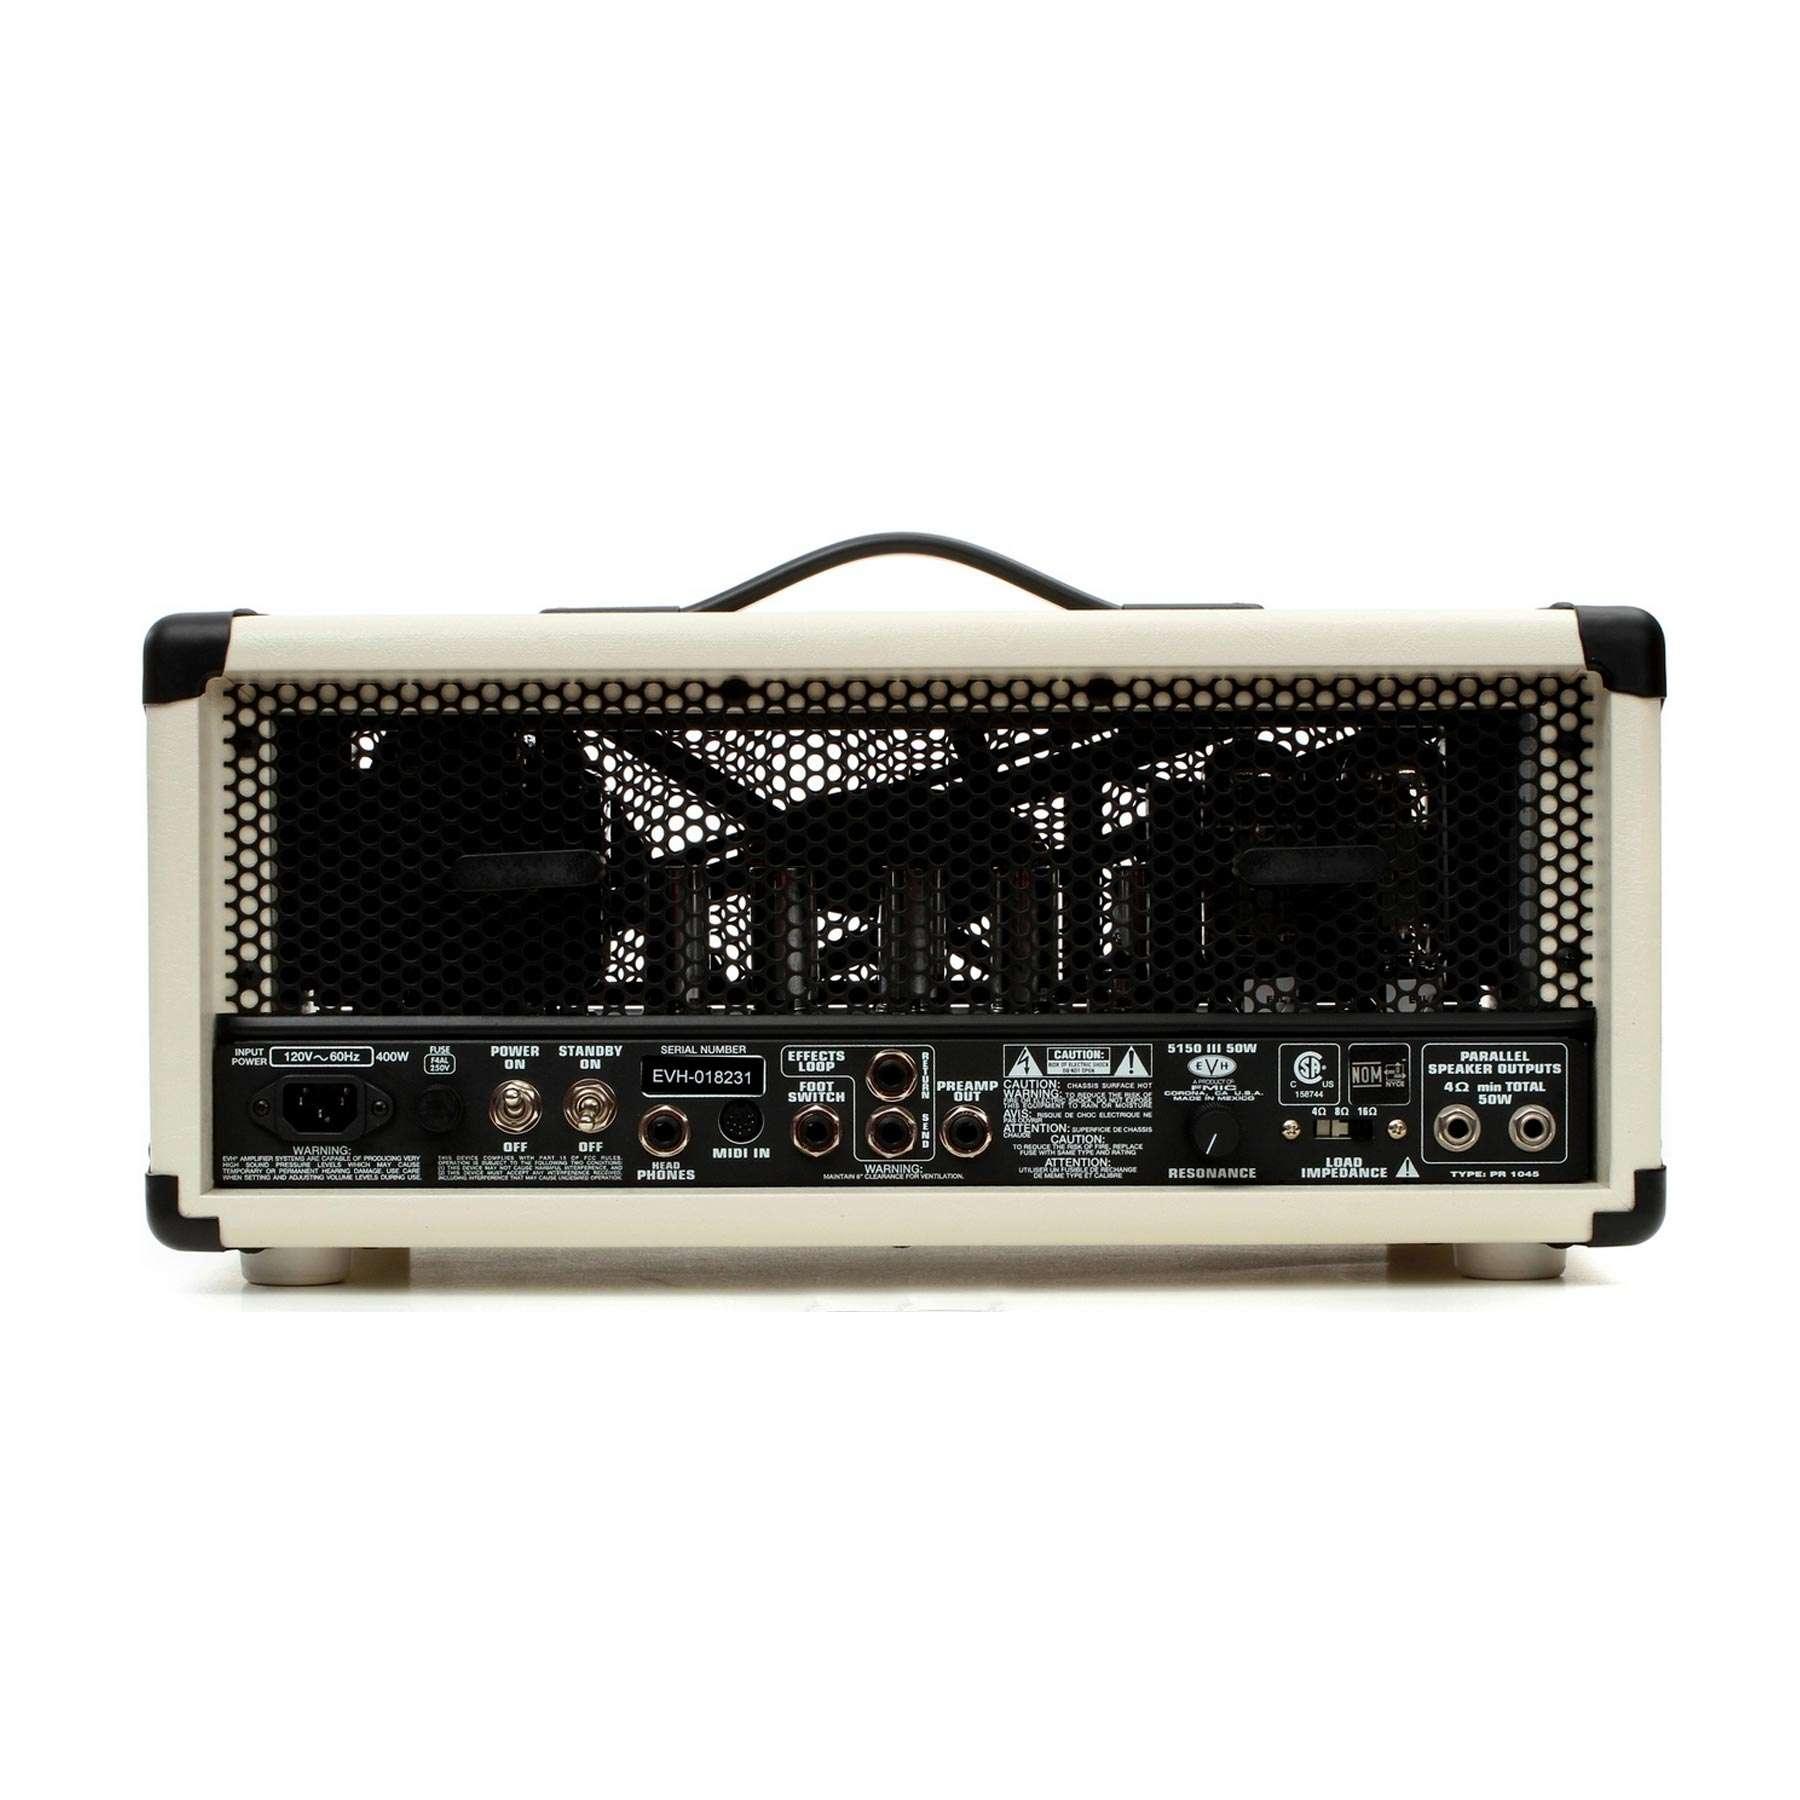 EVH 5150 III 50W AMP HEAD (BACK)